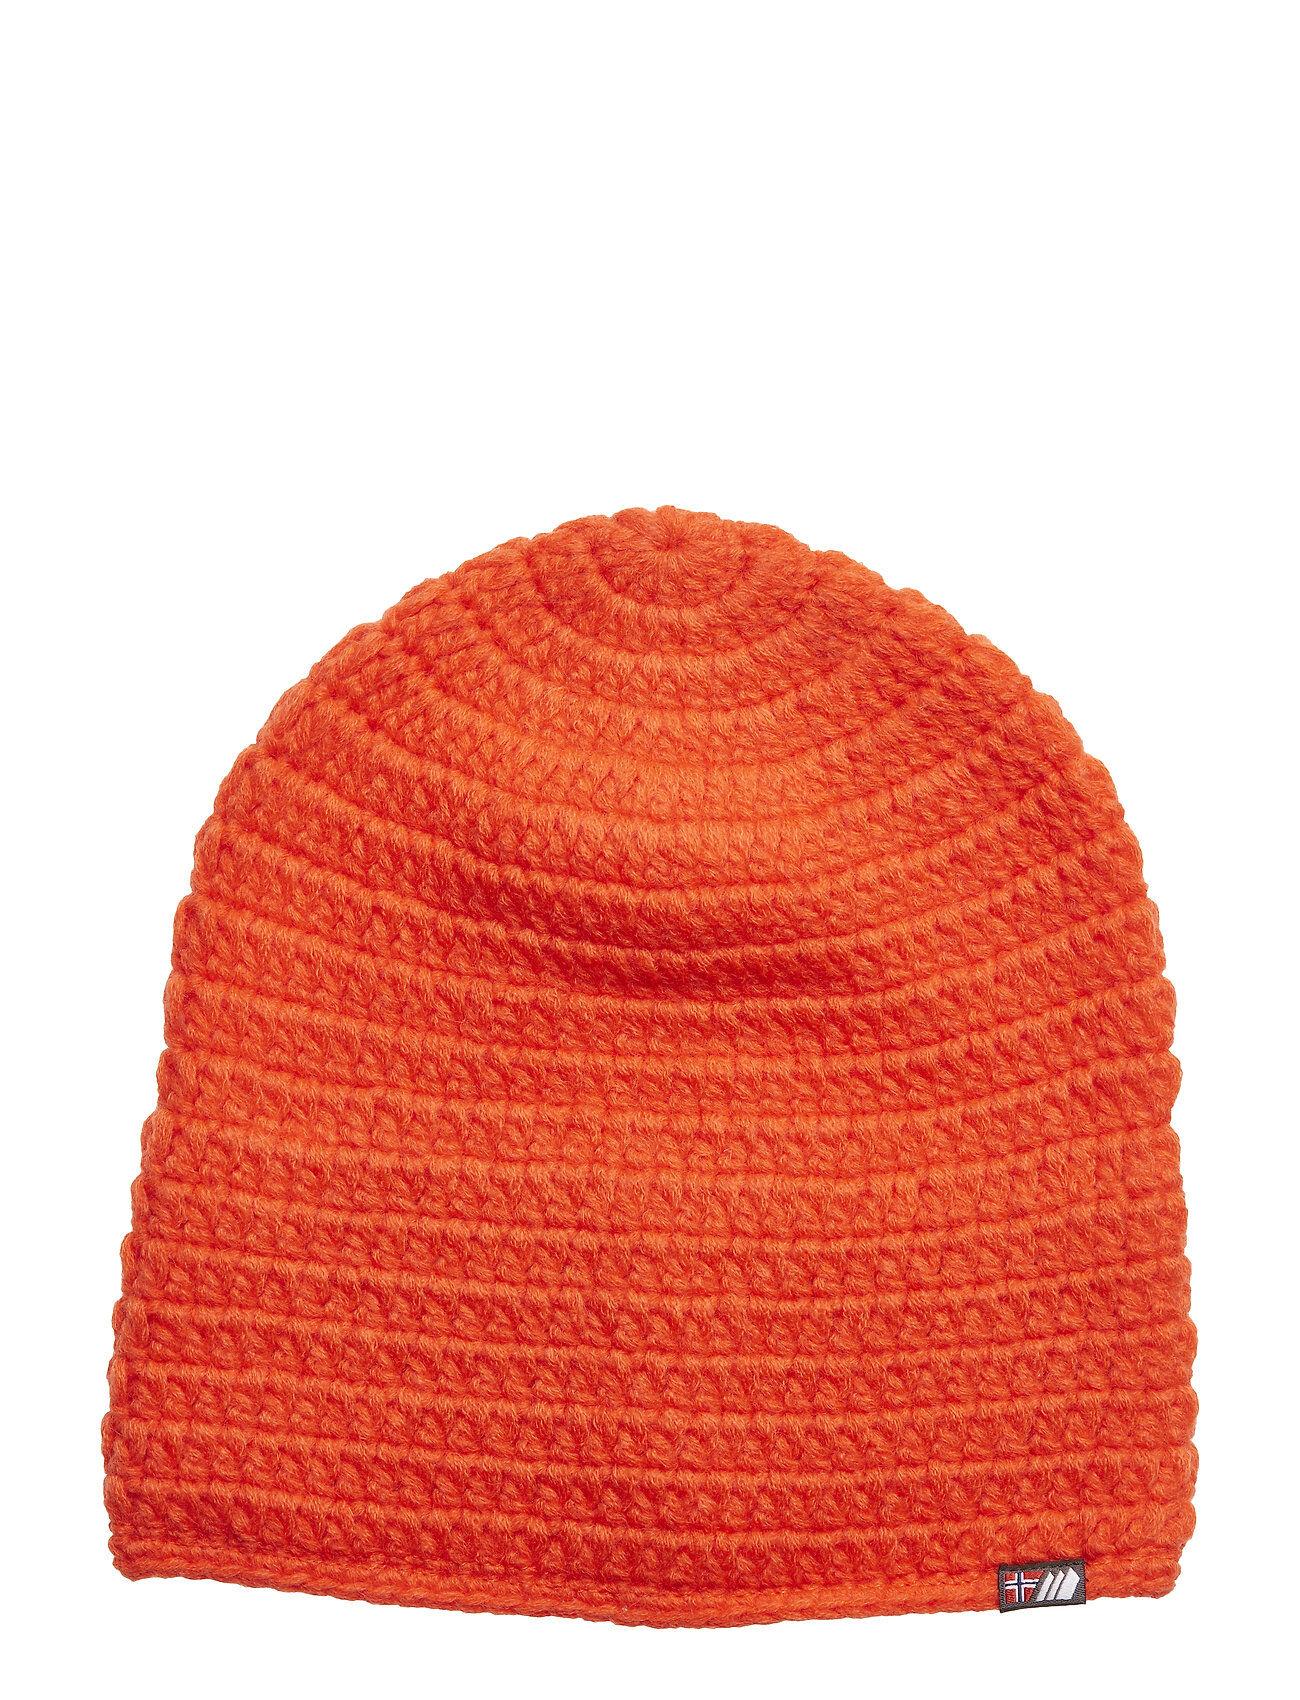 Skogstad Fossvega Crocheted Hat